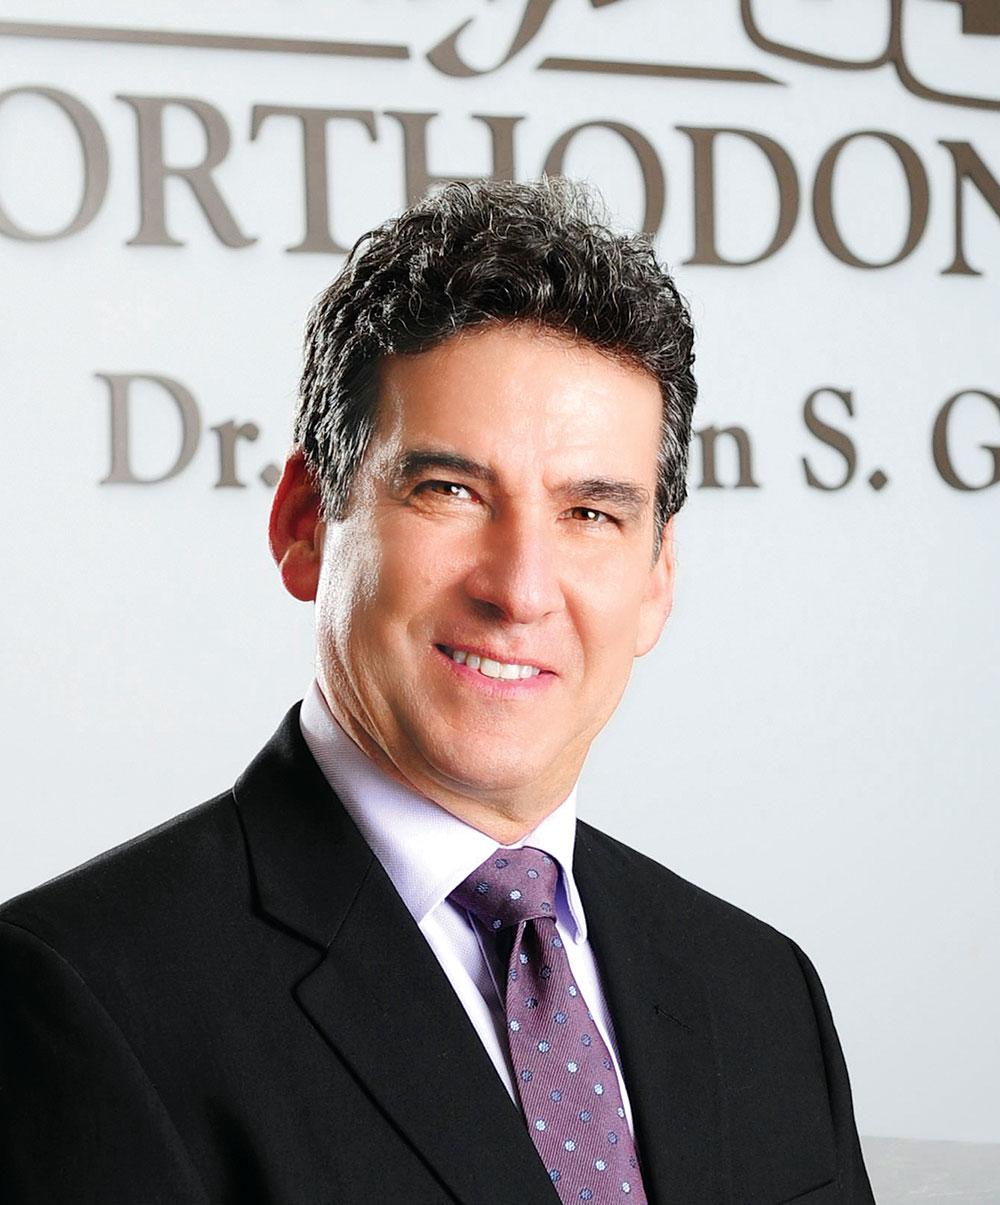 Gordon S. Groisser